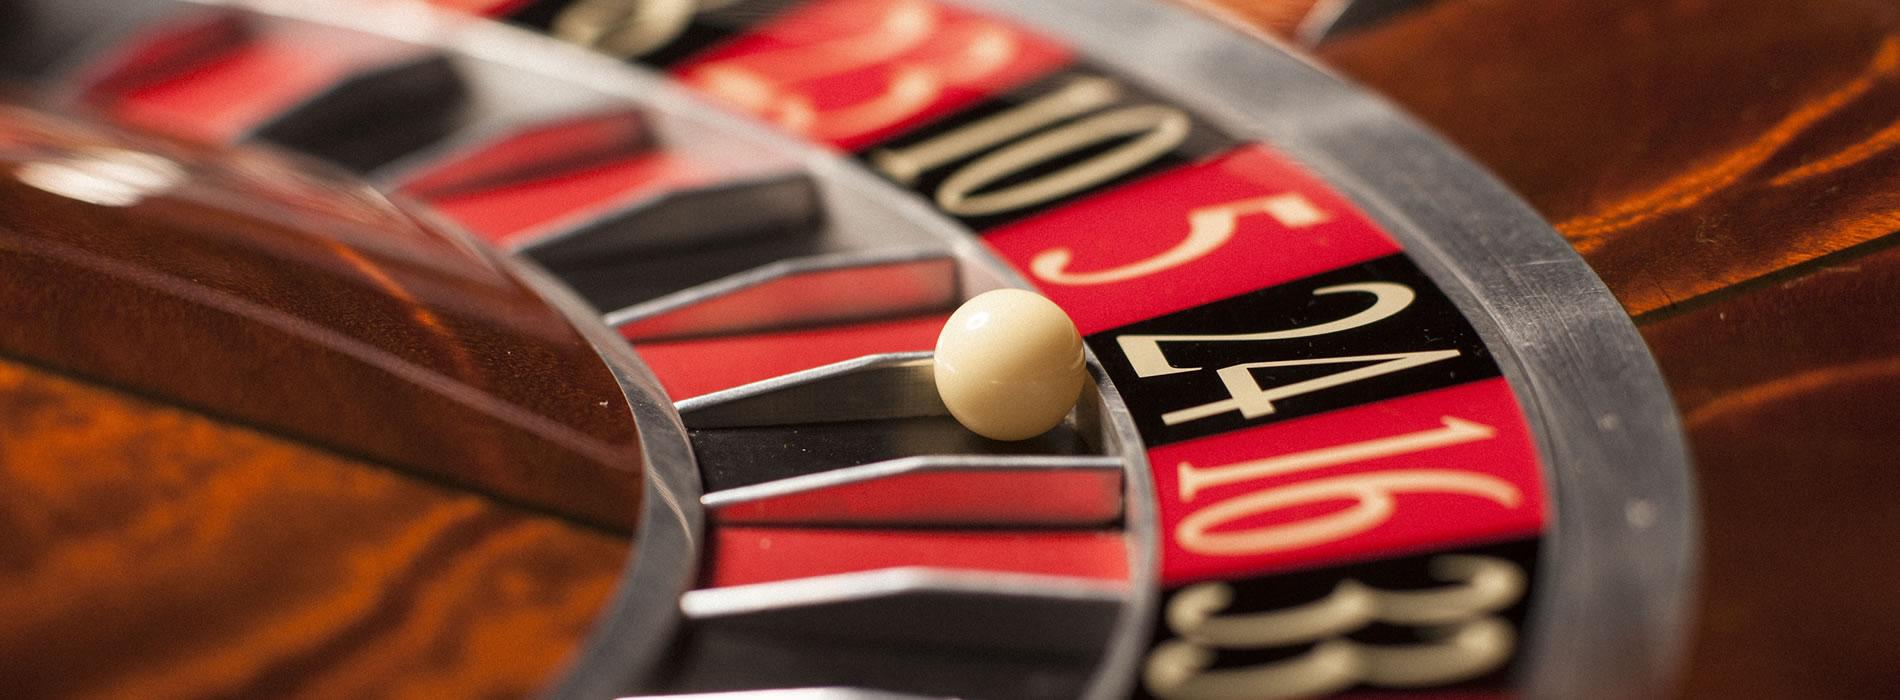 Les jeux casino comme meilleure distraction